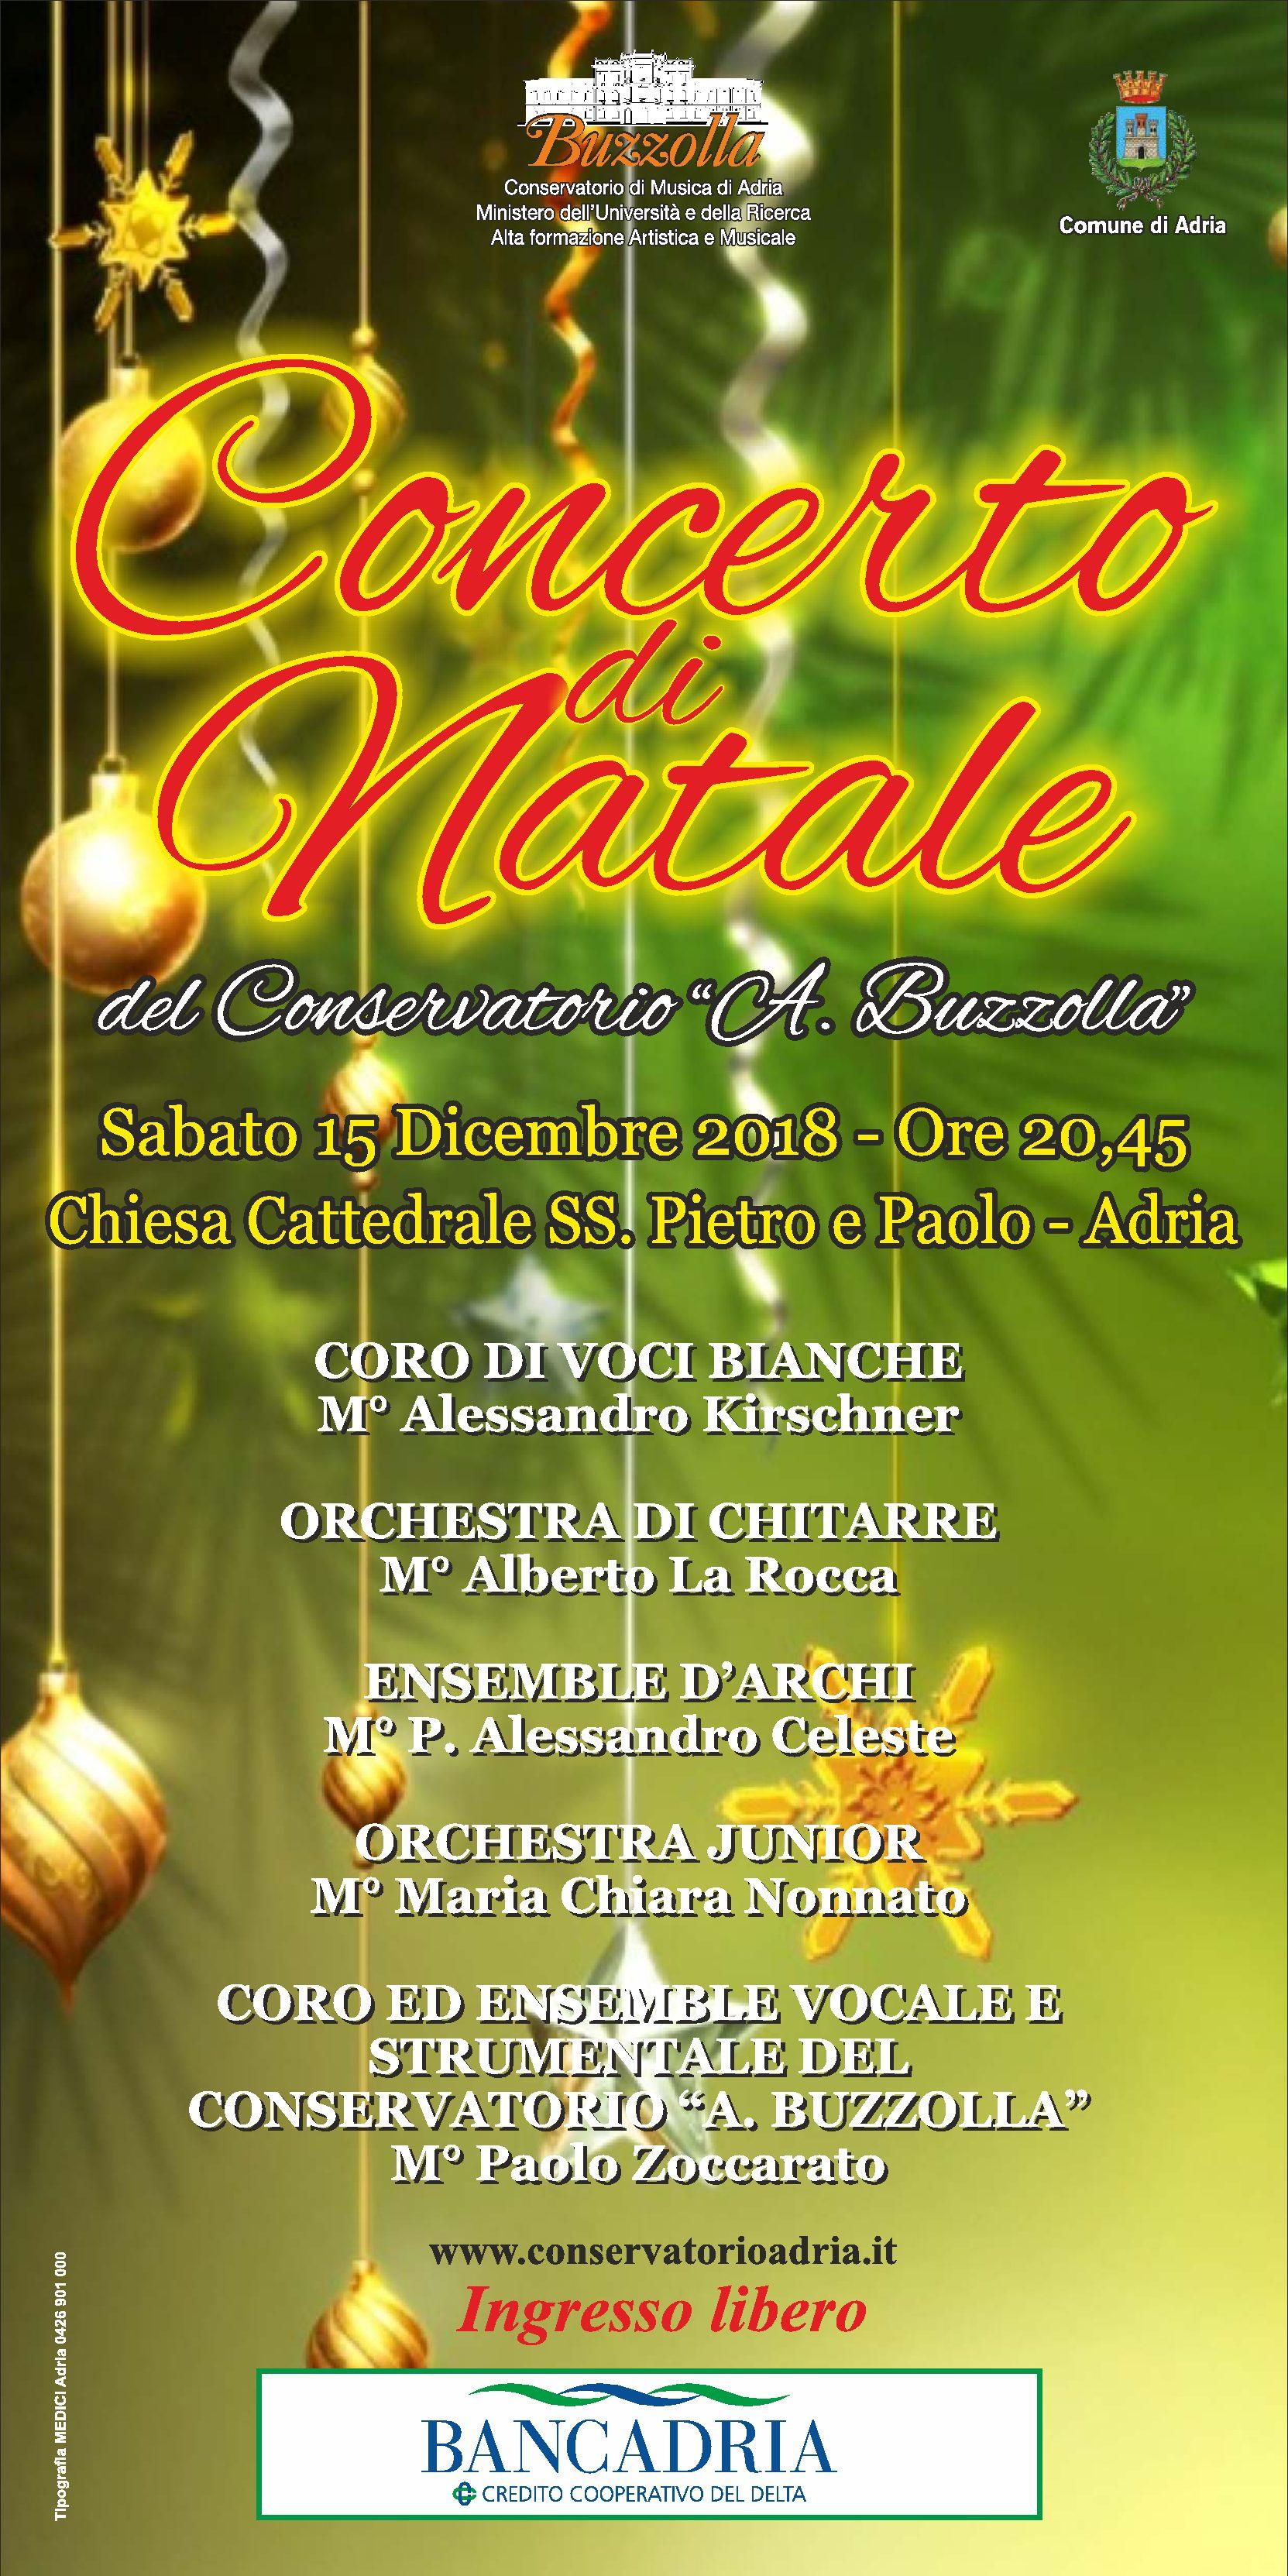 15 dicembre 2018, ore 20.45 Concerto di Natale, Chiesa Cattedrale dei SS. Pietro e Paolo – Adria